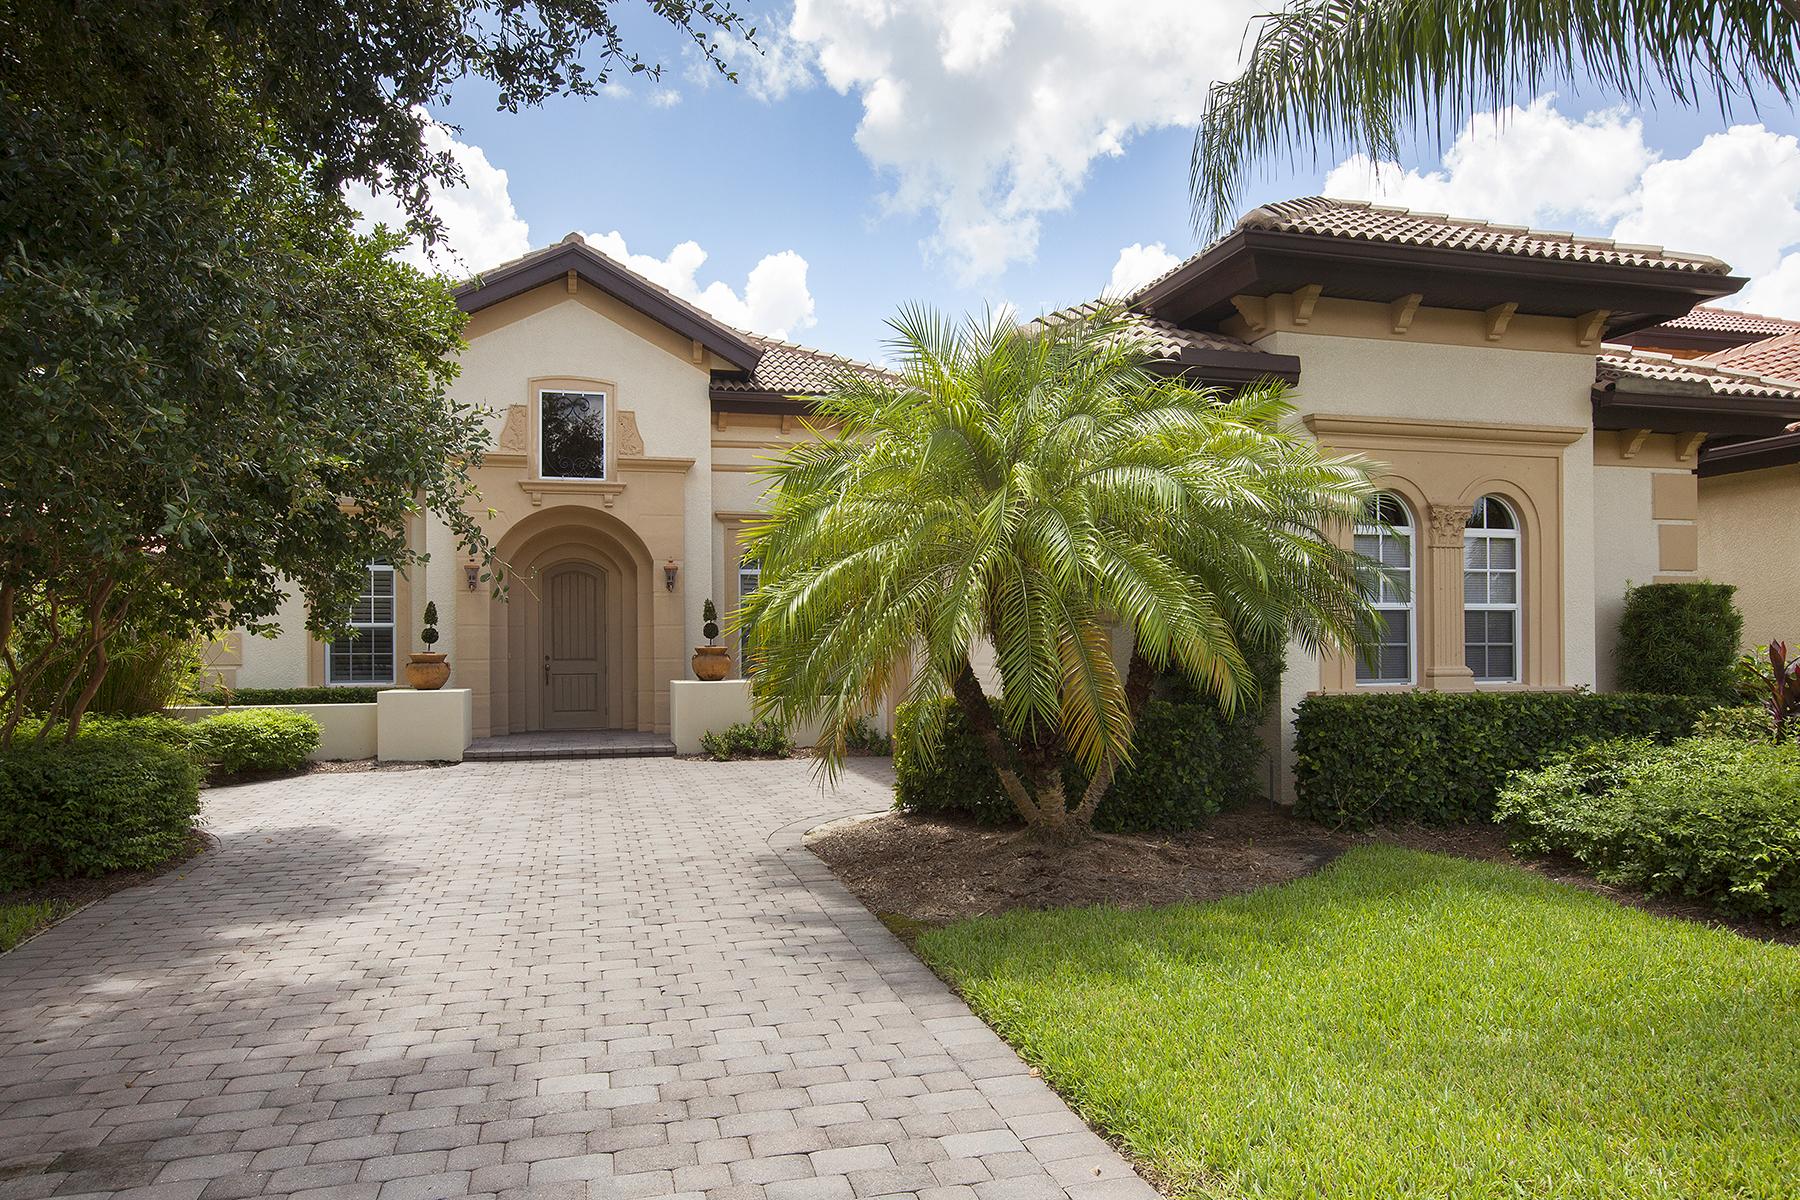 独户住宅 为 销售 在 LELY RESORT 7672 Sussex Ct 那不勒斯, 佛罗里达州, 34113 美国